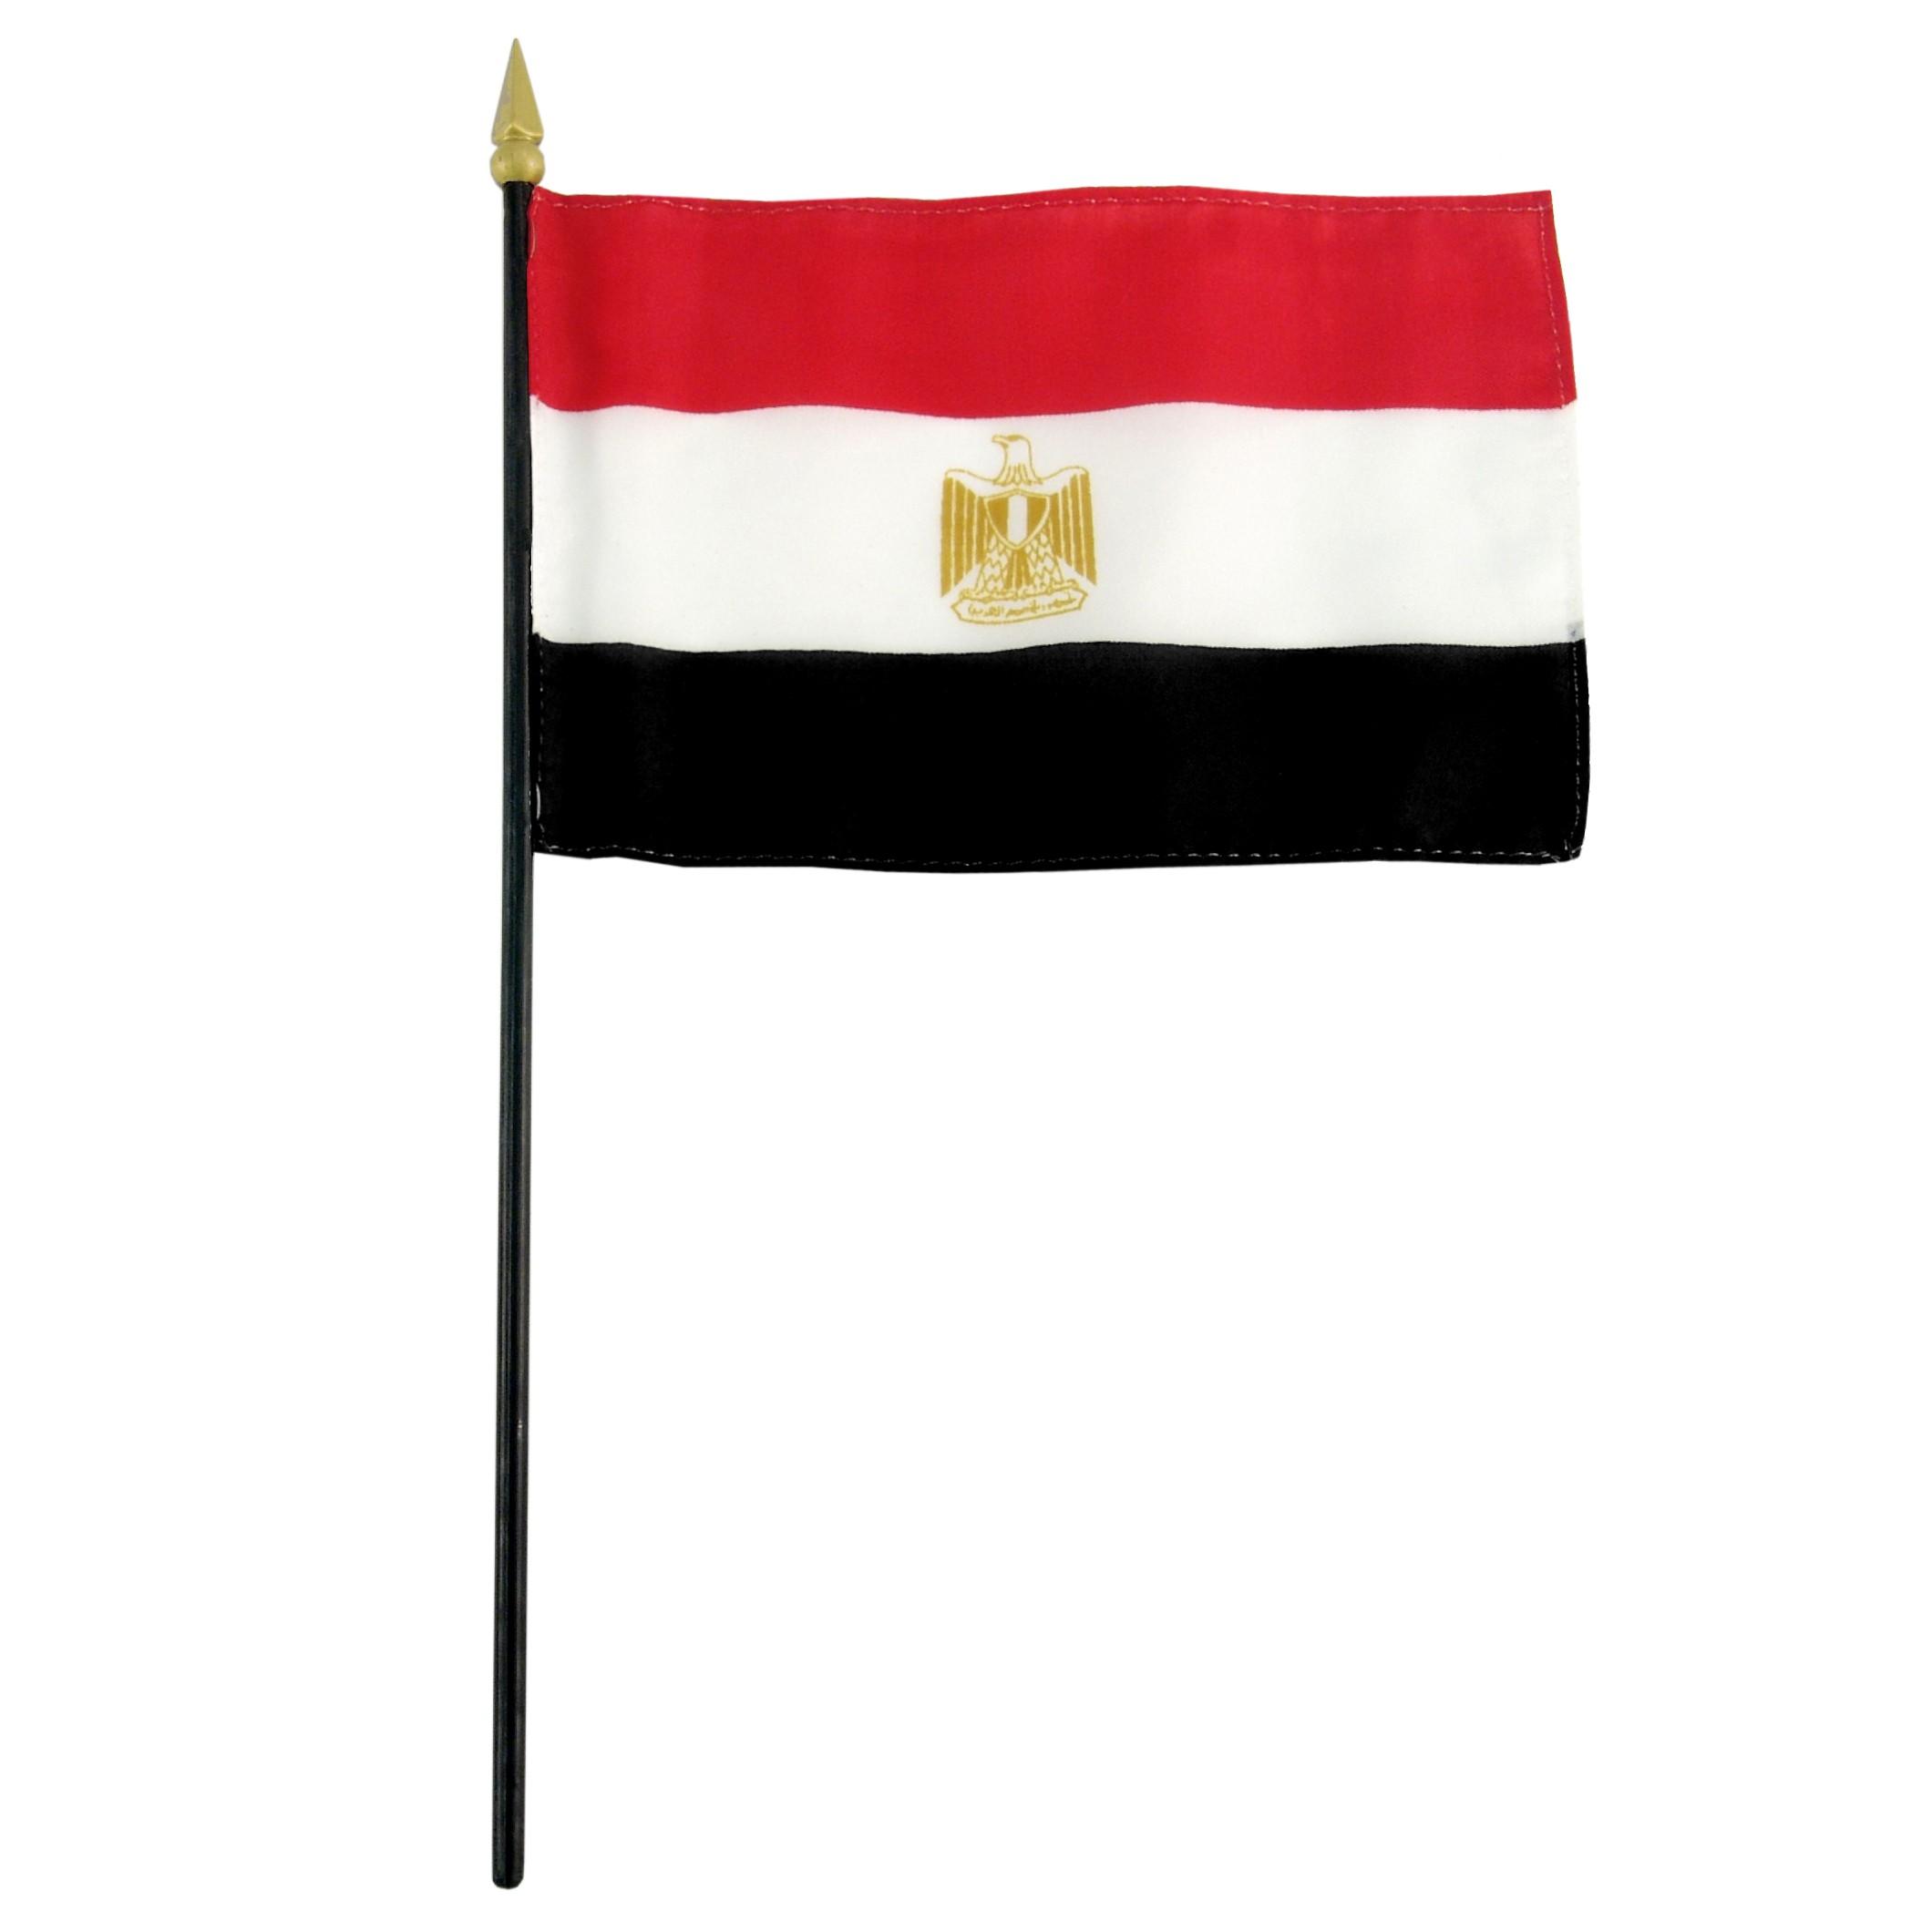 صورة لعلم مصر (3)